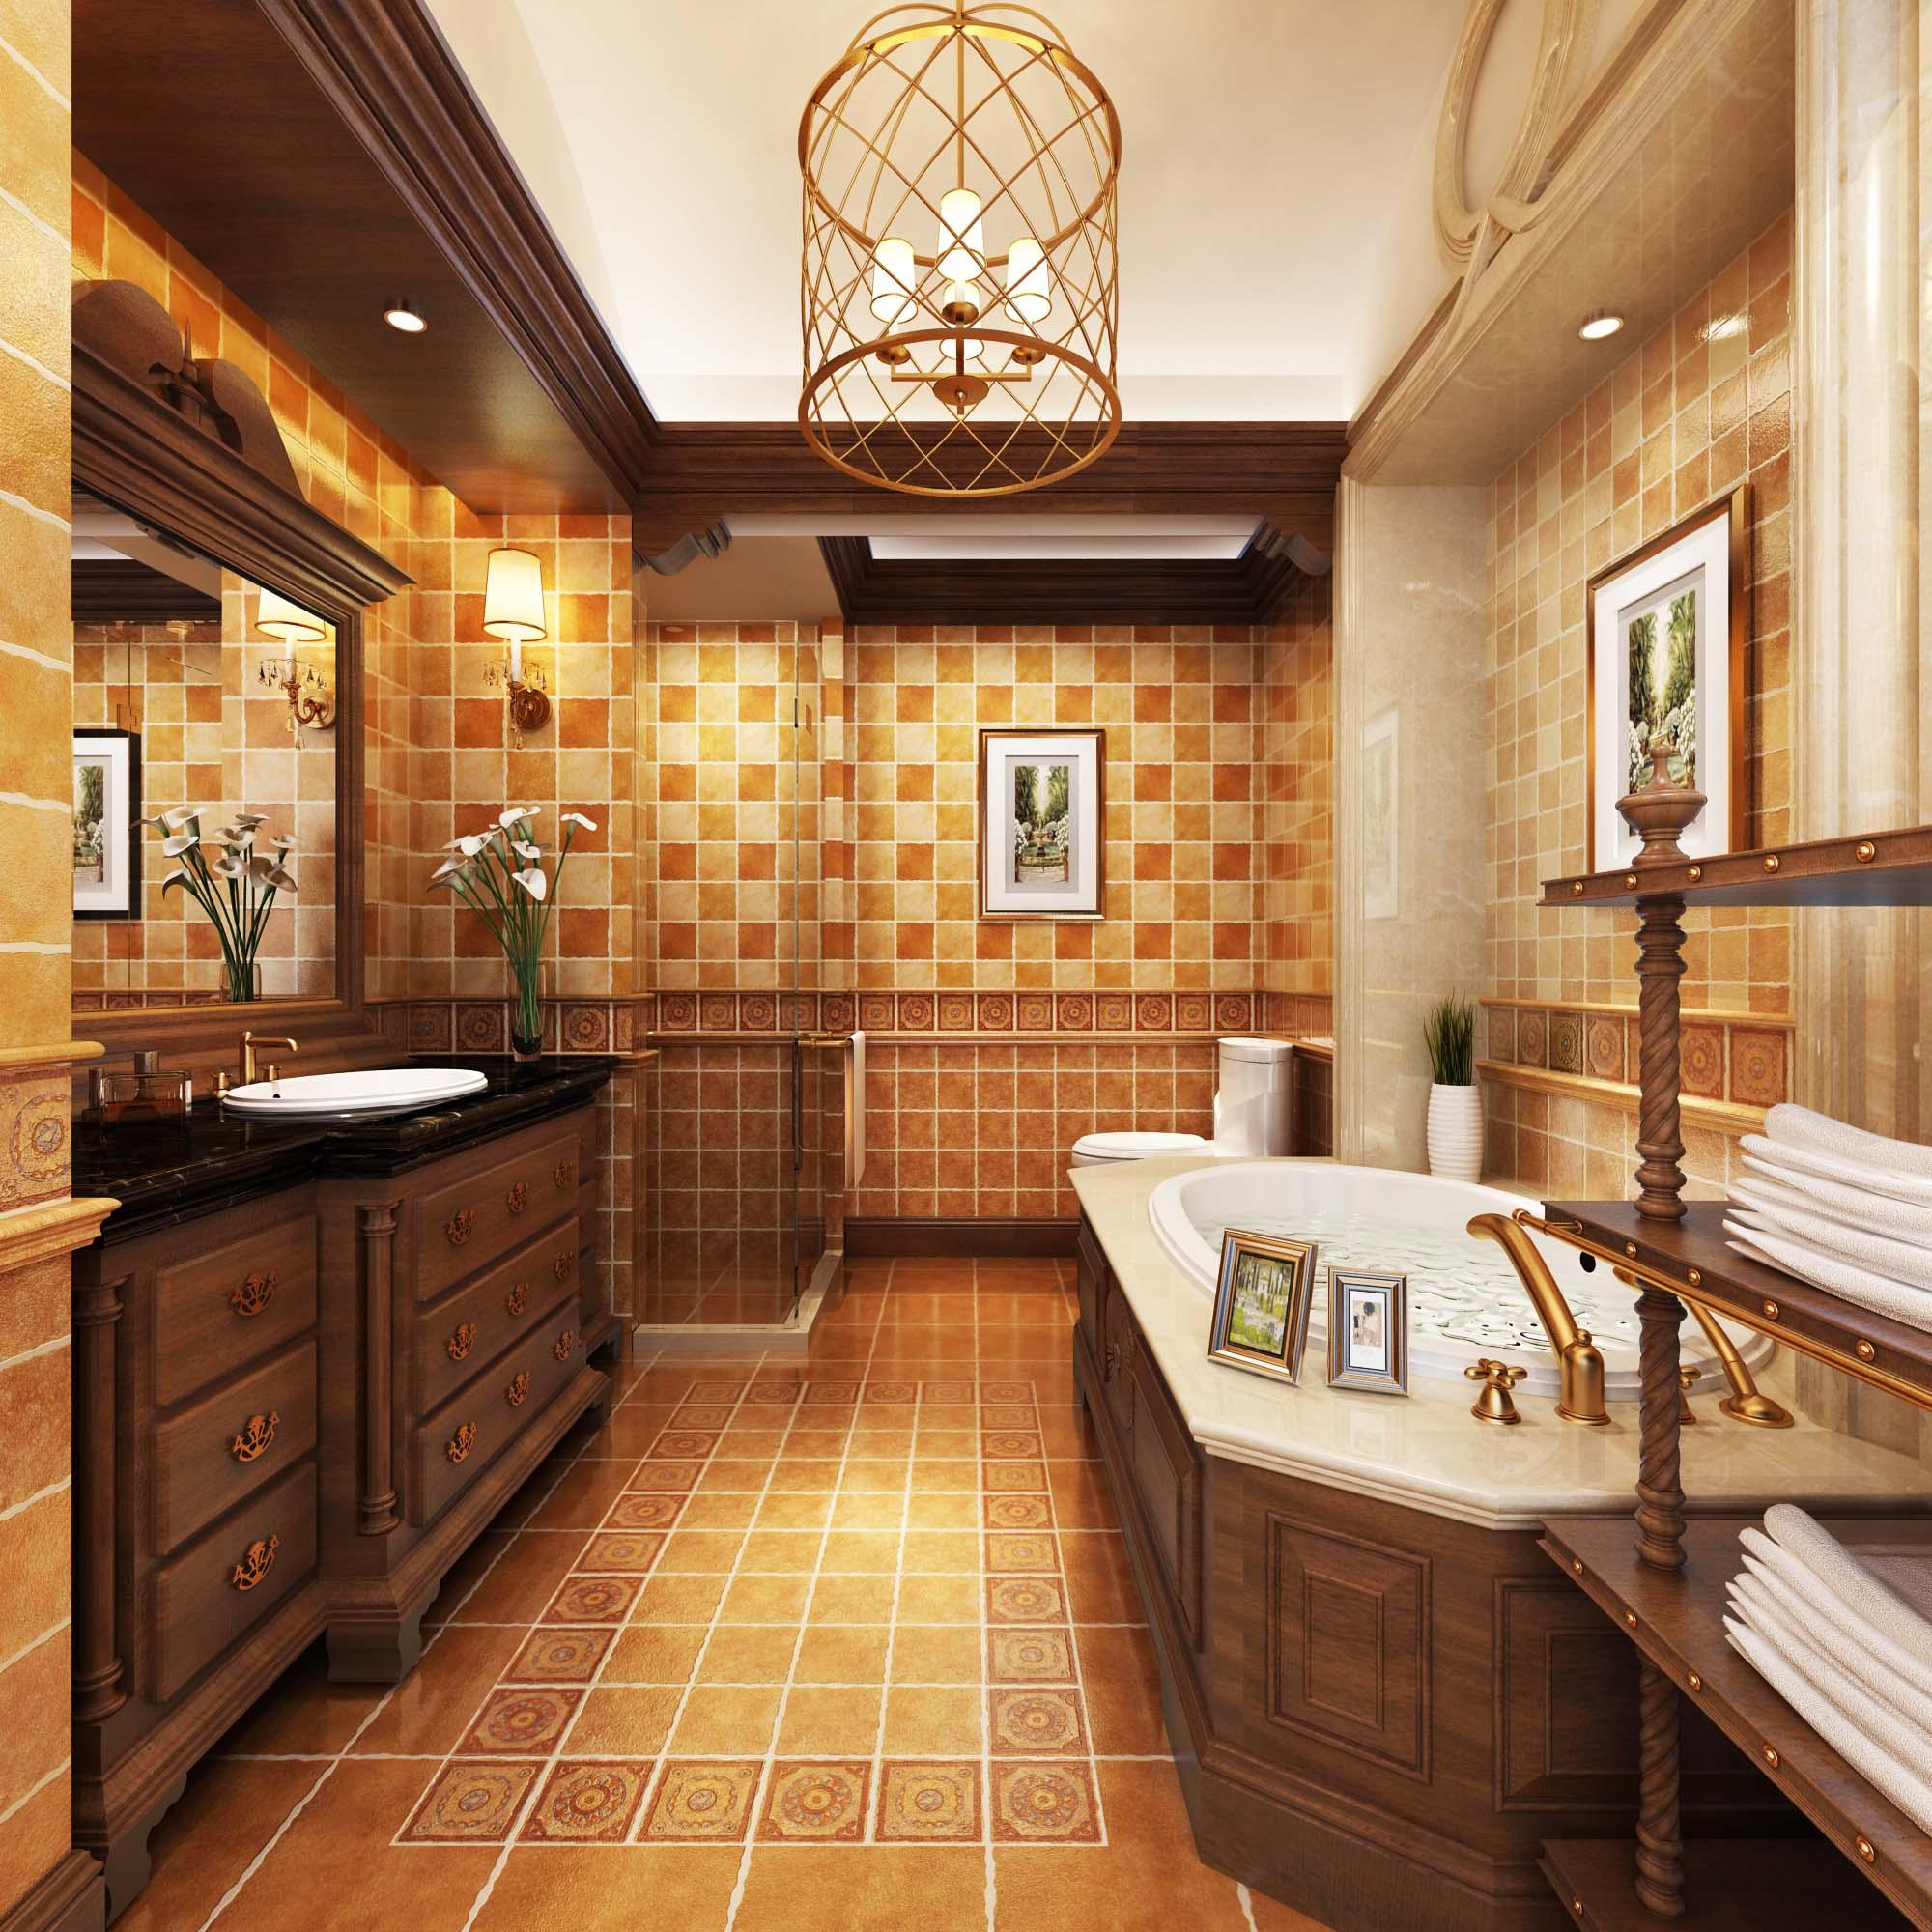 欧神诺yd804p美式田园-欧神诺瓷砖图片